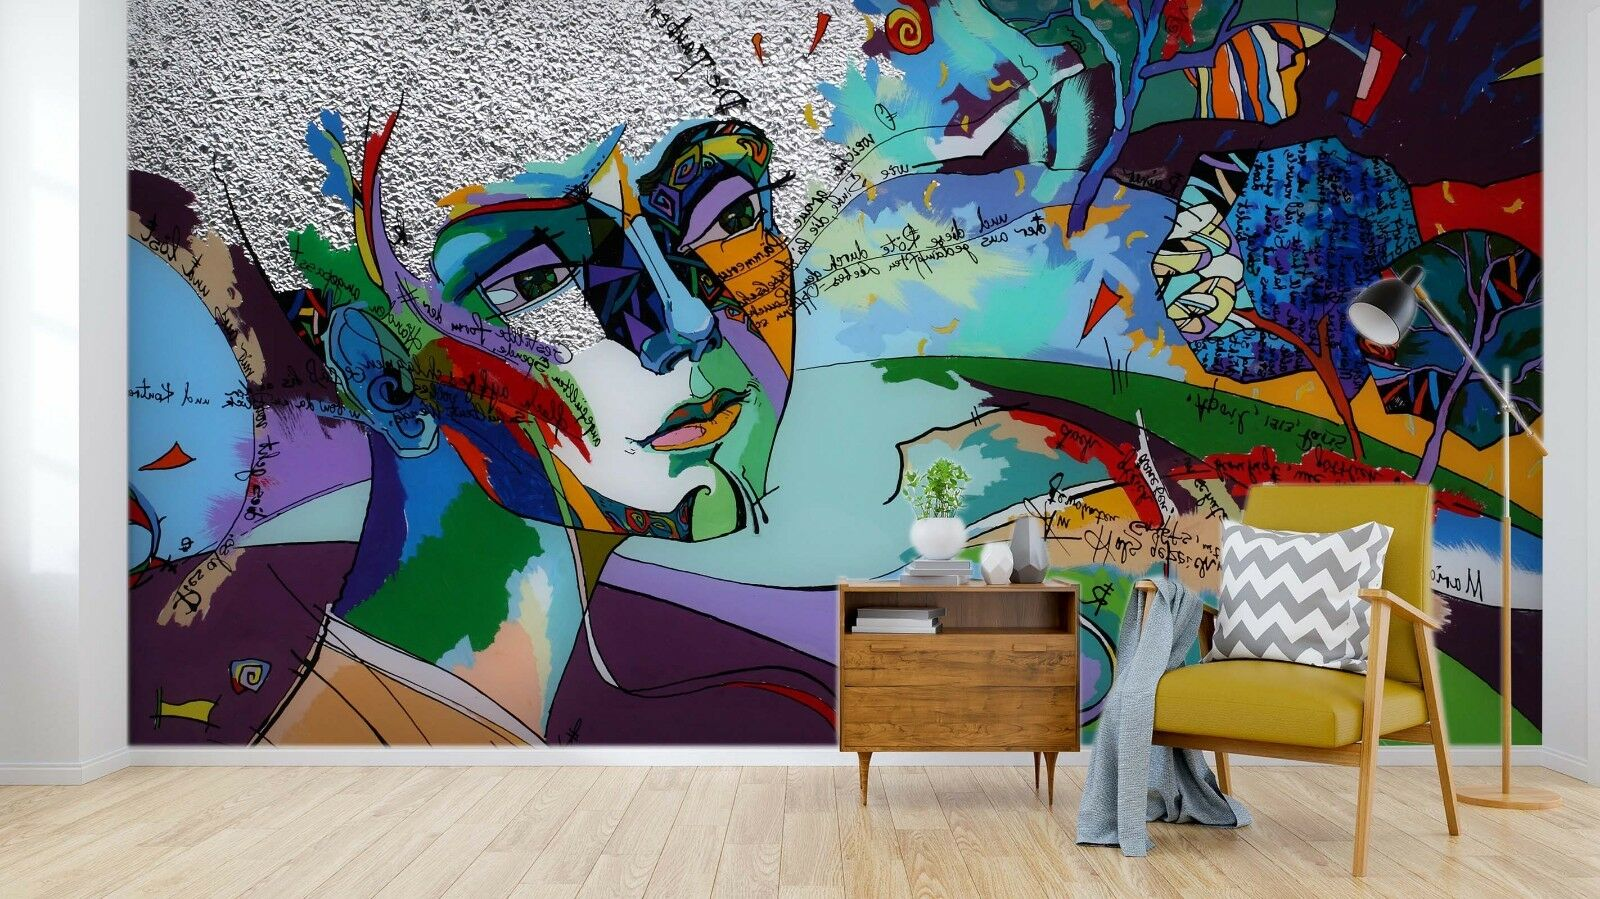 3D Graffiti Face 994 Wall Paper Murals Wall Print Wall Wallpaper Mural AU Summer